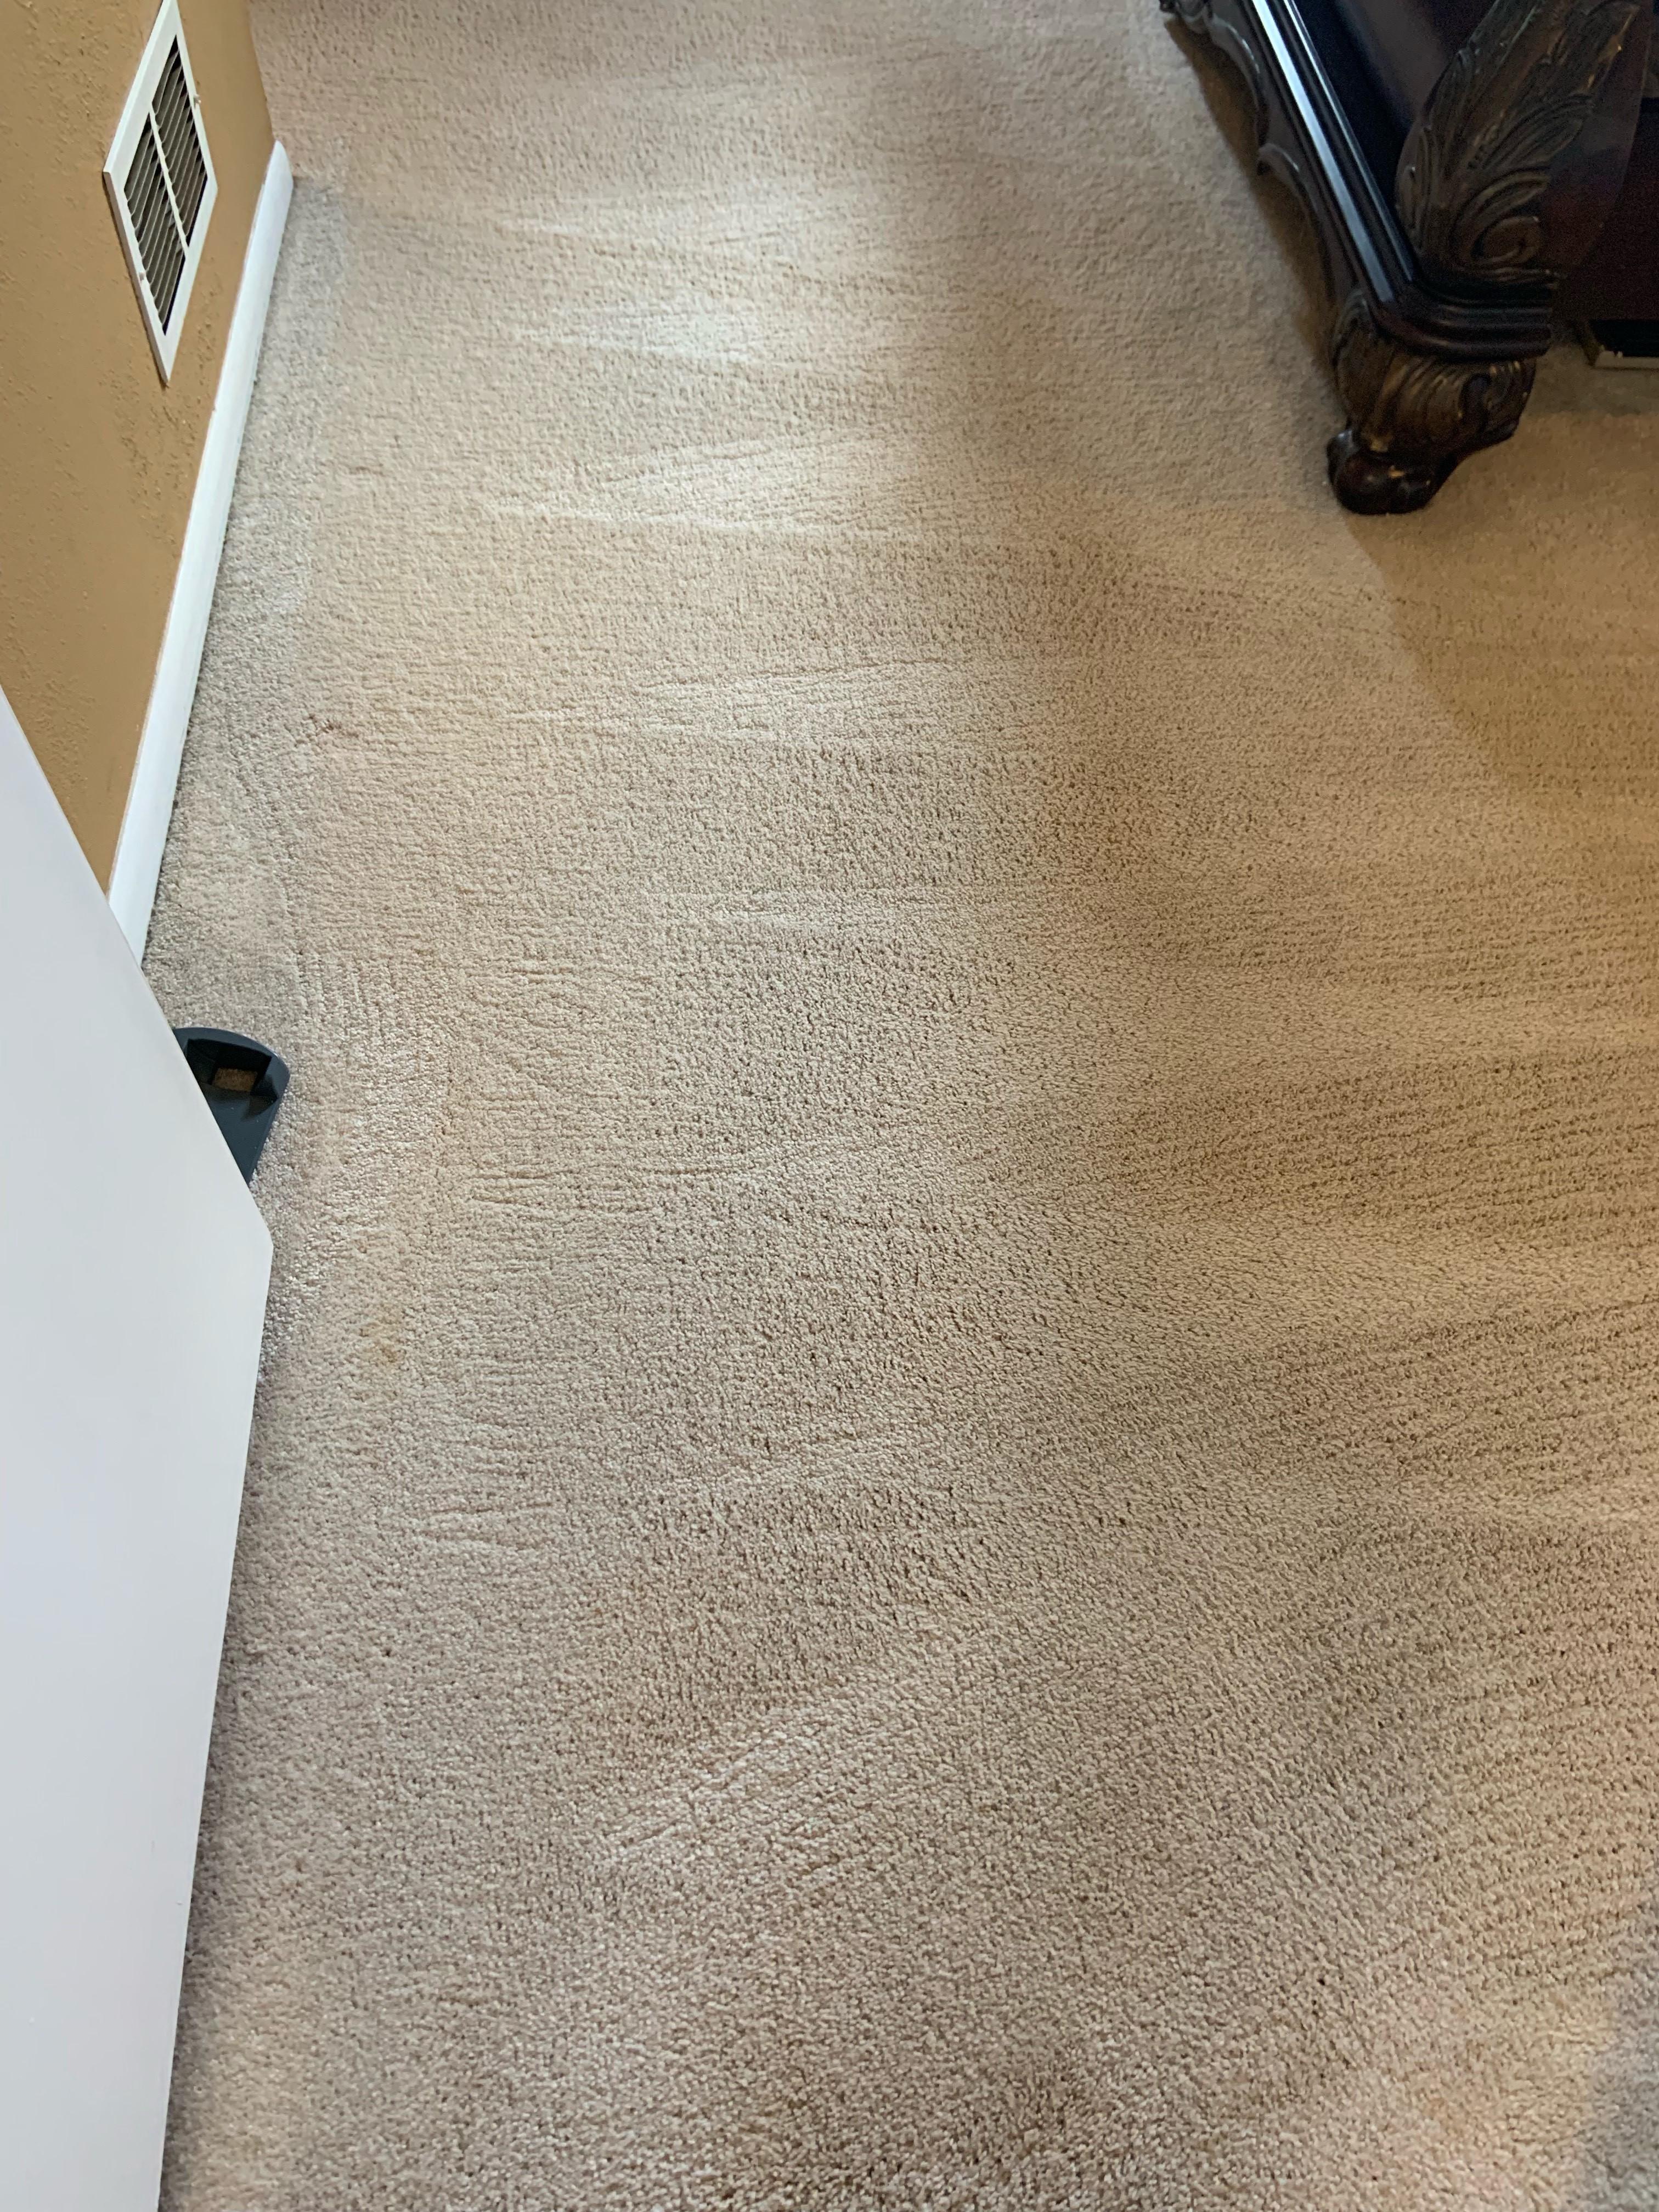 Brilliant Dry Carpet Care